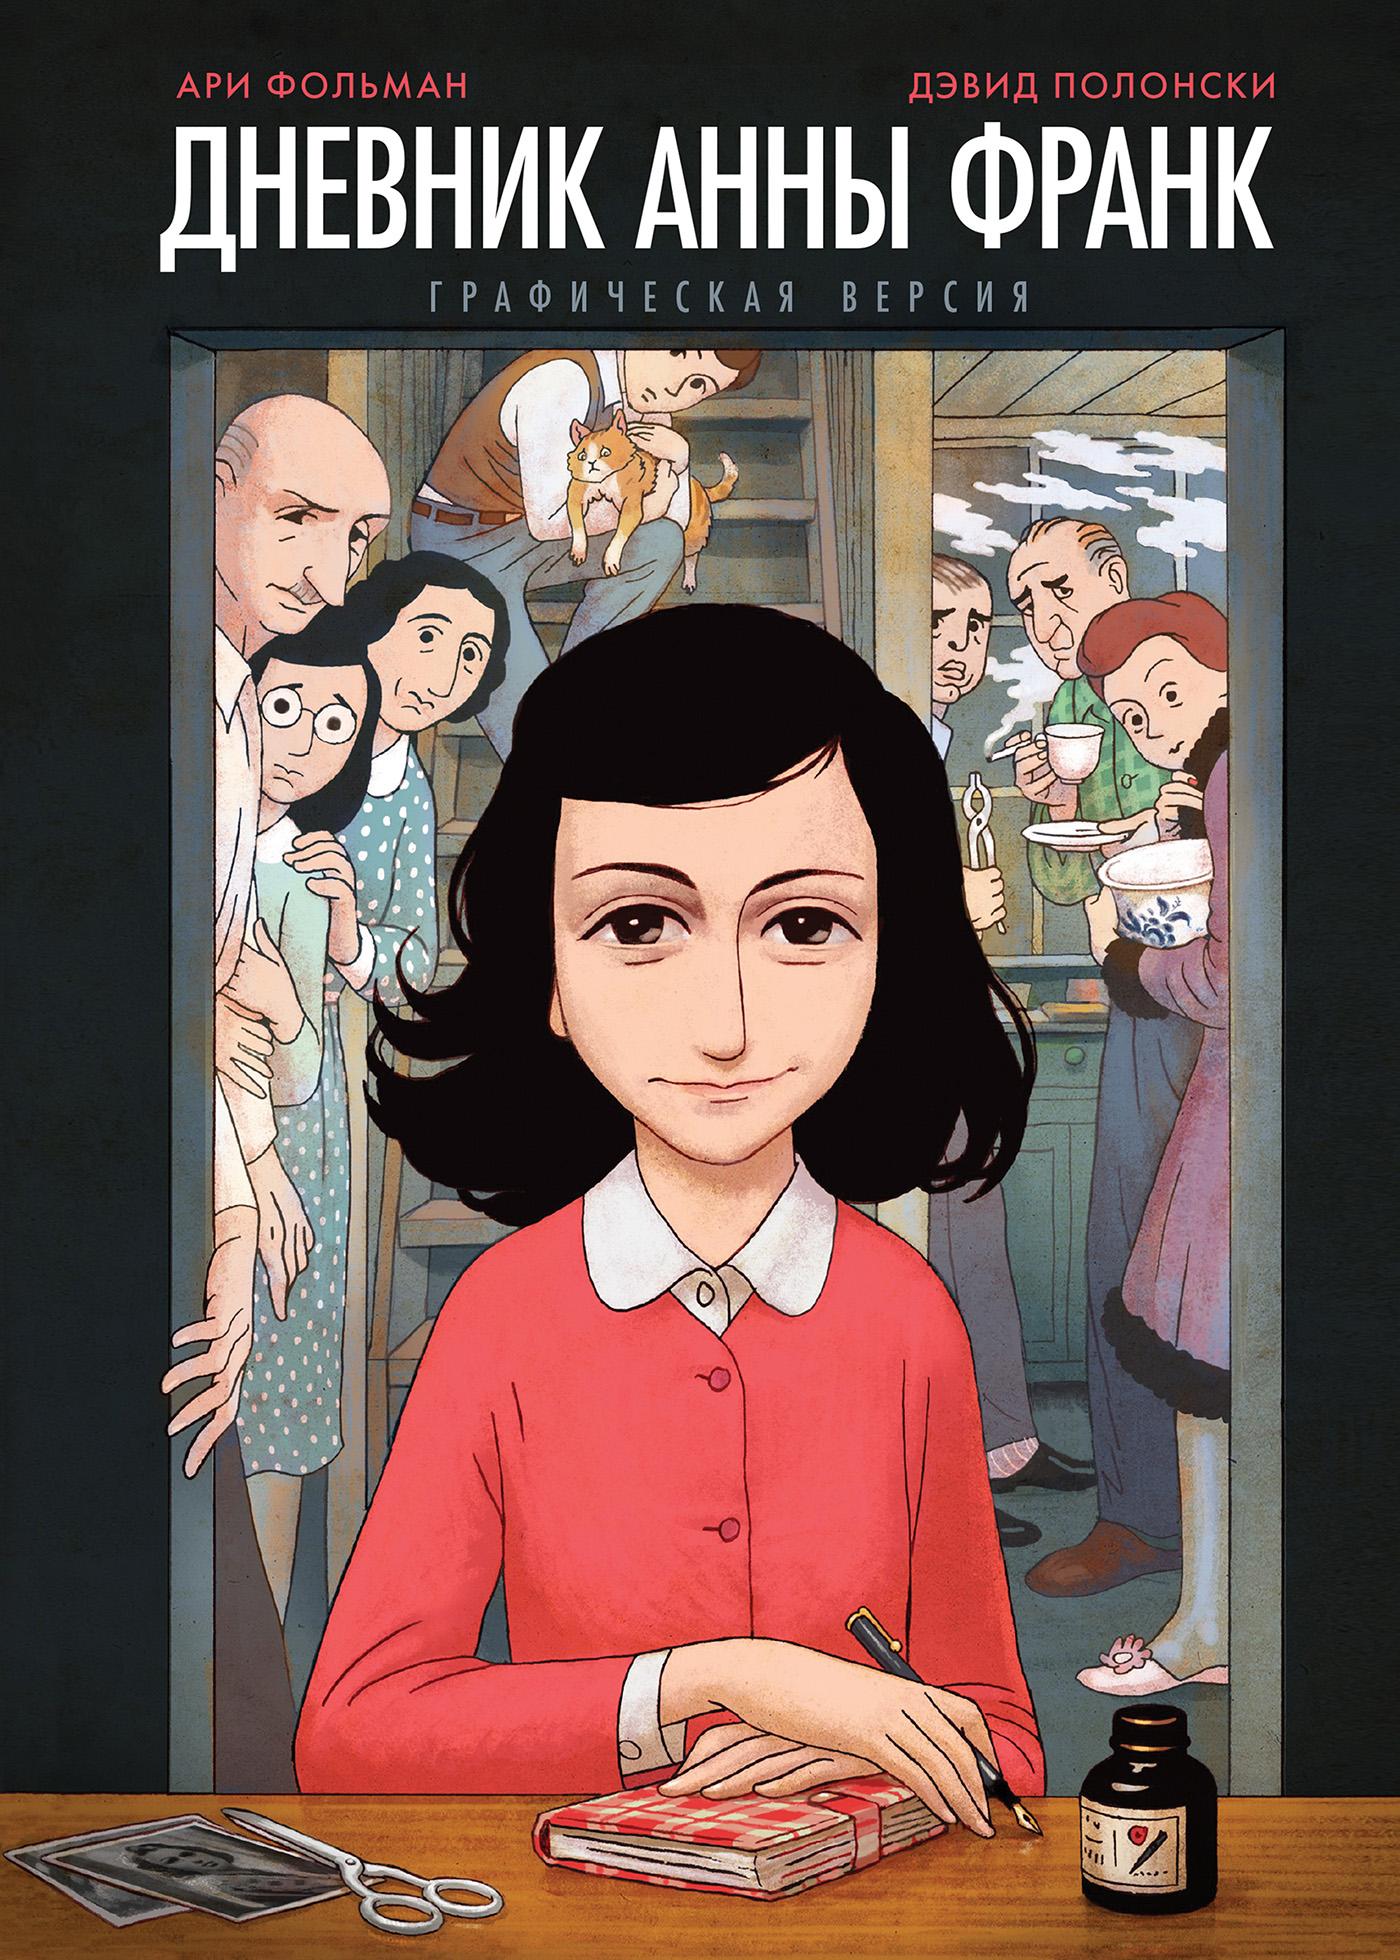 Анна Франк Дневник Анны Франк: графическая версия цена